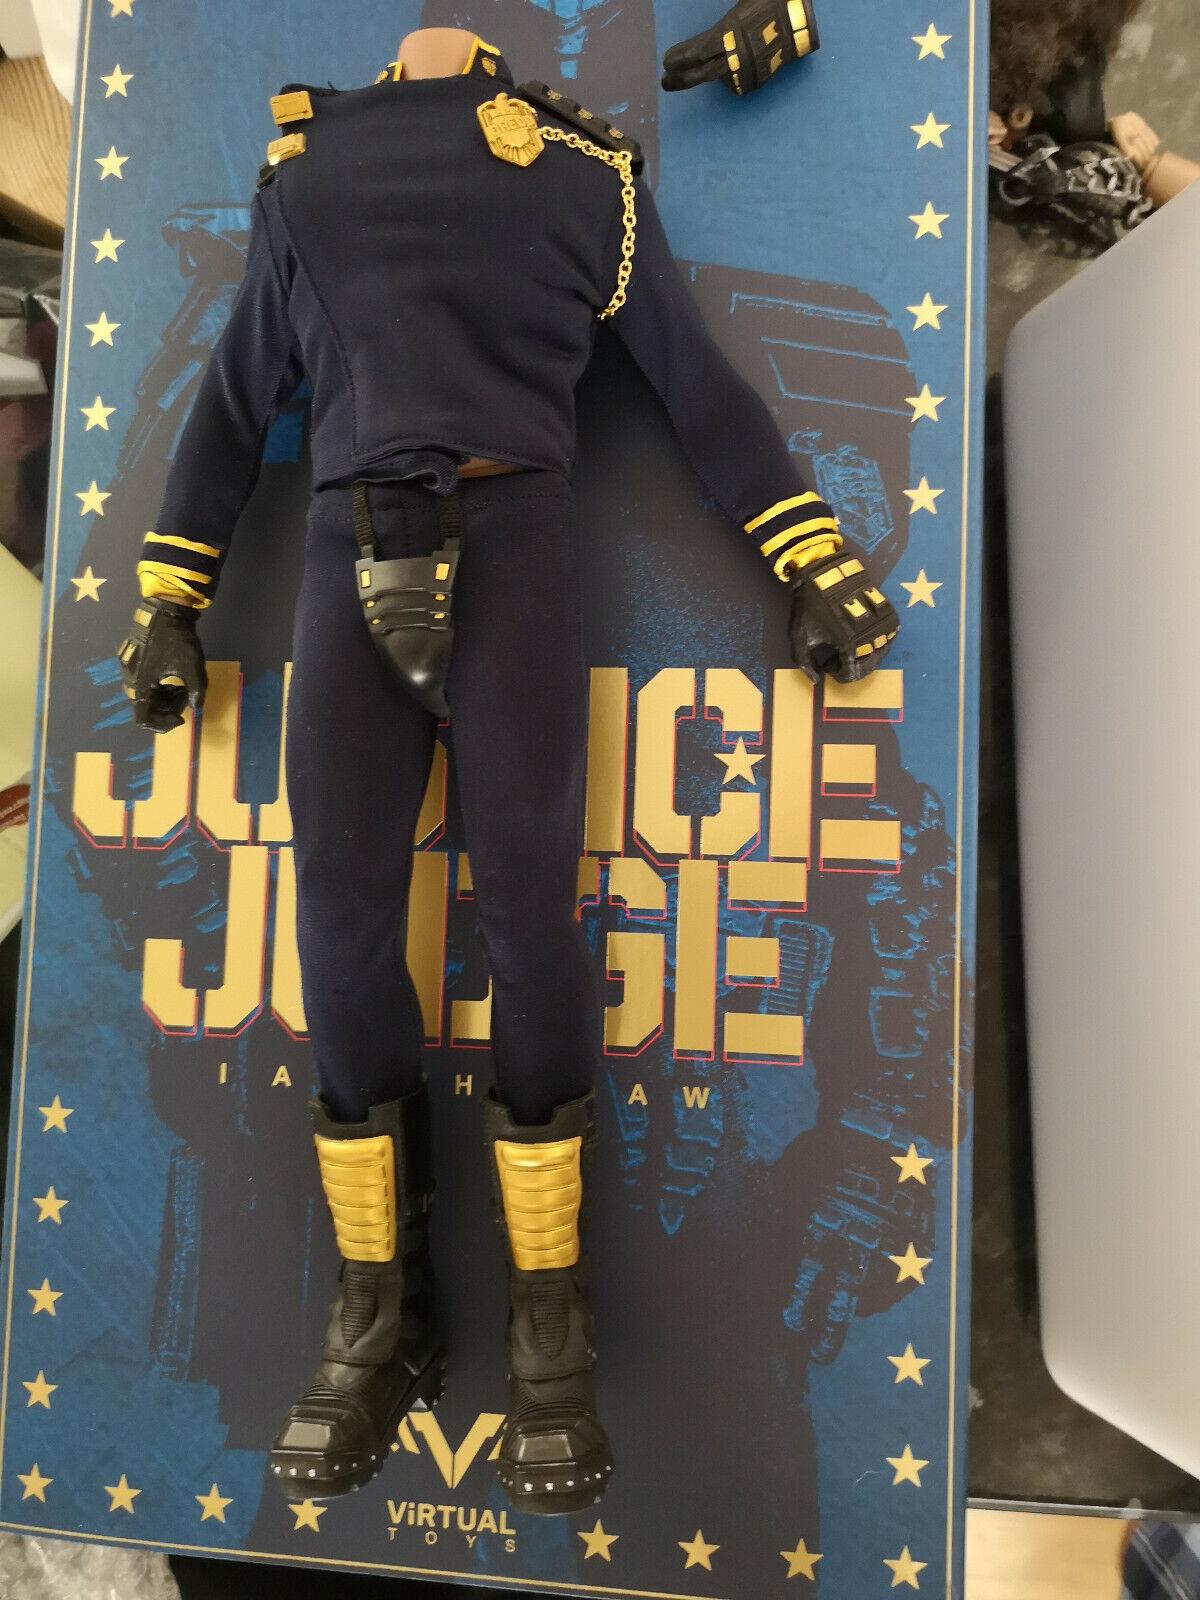 1 6 escala VTS juez justicia cuerpo, traje, Acolchado, las manos y botas, Insignia Nuevo